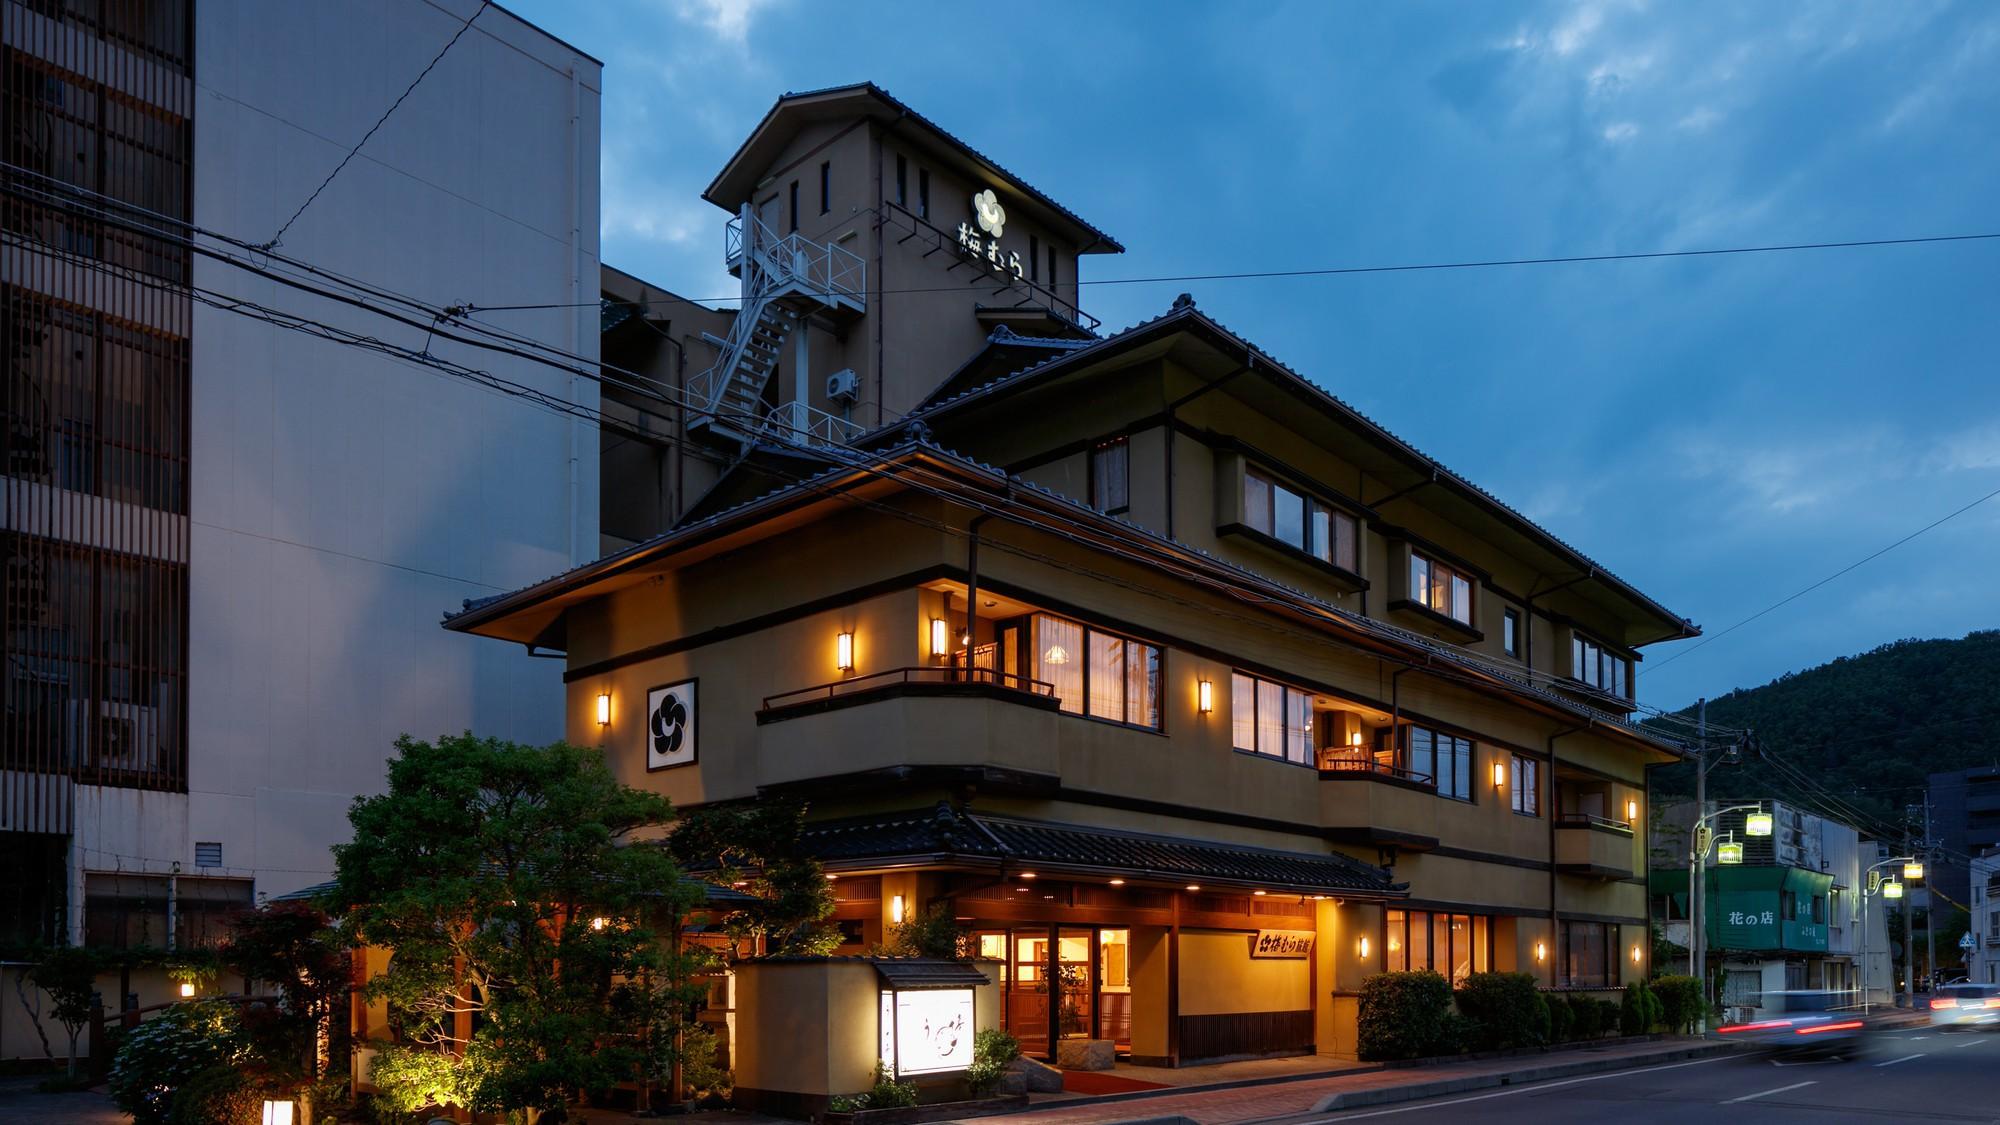 戸倉上山田温泉 梅むら旅館 うぐいす亭〈長野県〉の施設画像